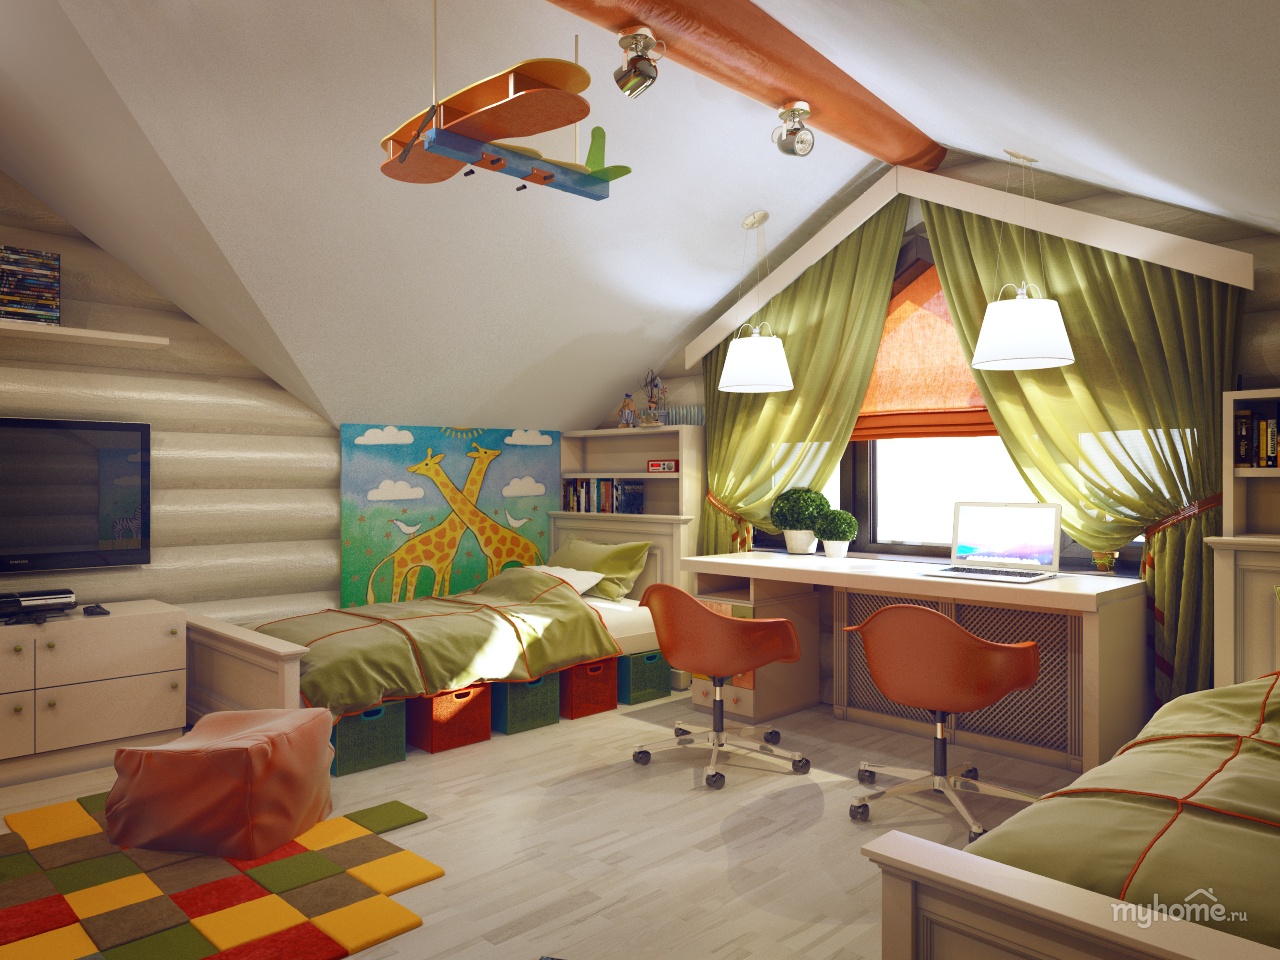 Интерьер детских комнат в деревянном доме фото